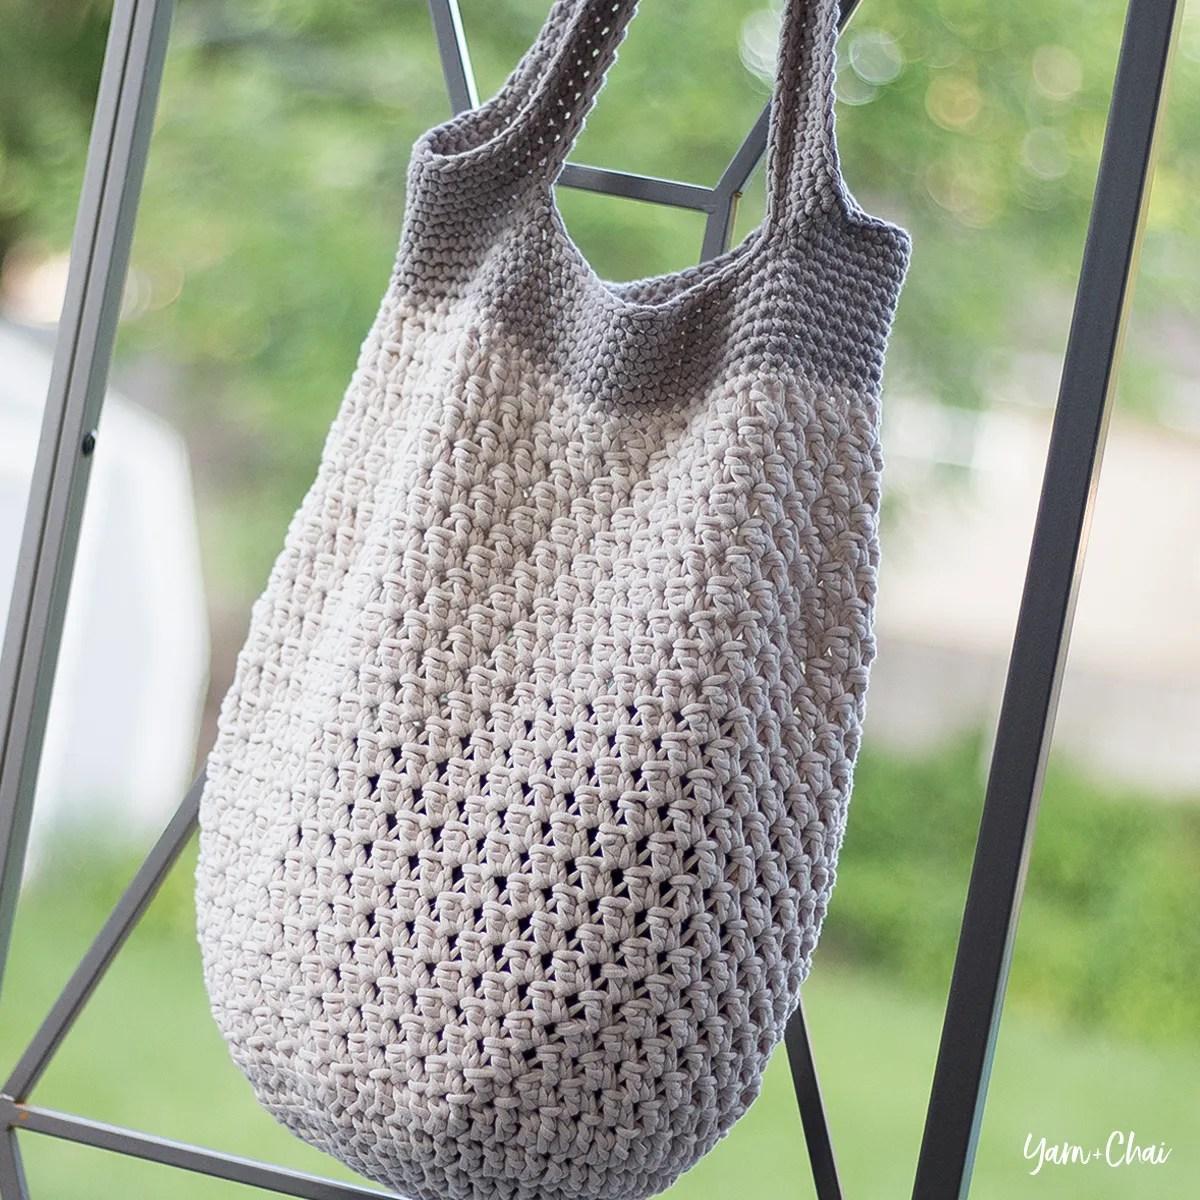 crocheted bag blue crochet bag shopping bag crochet market bag market bag tote bag beach bag Market tote bag blue market bag